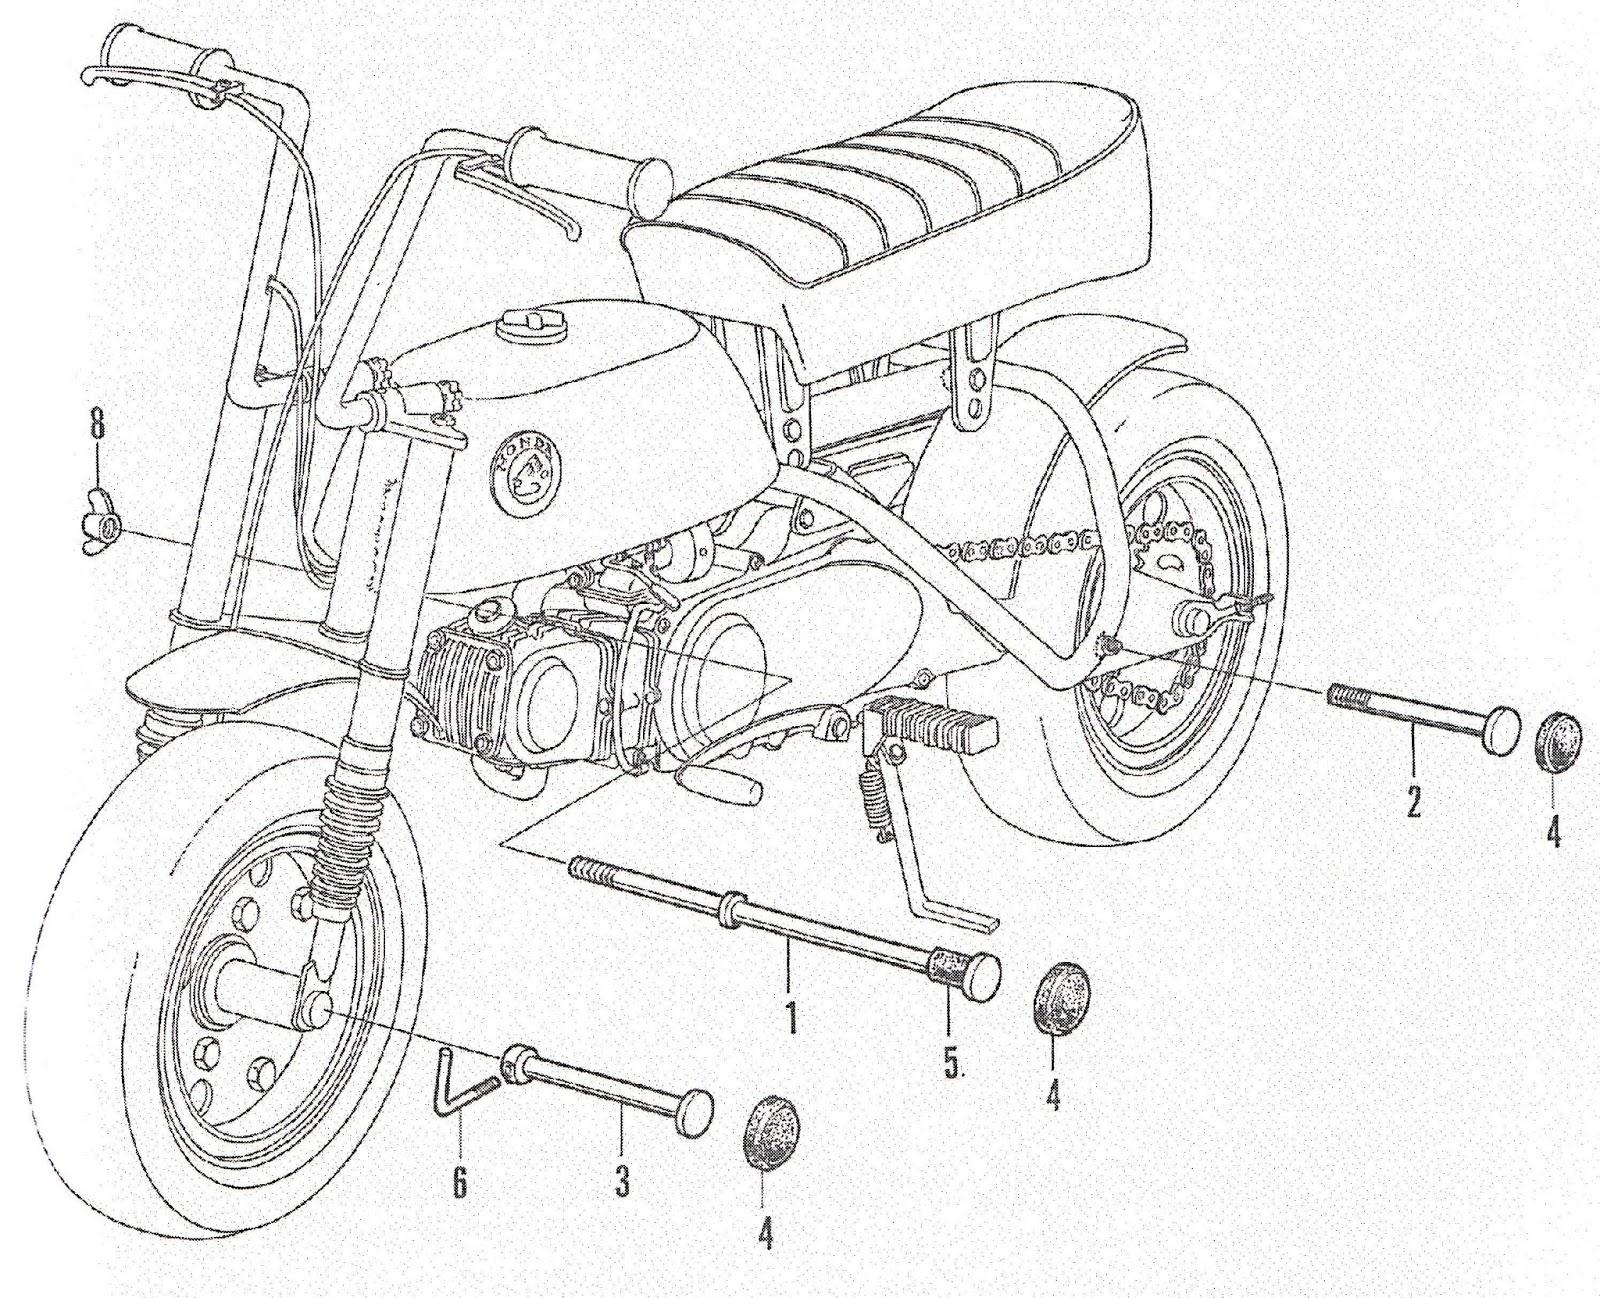 ct70 k1 wiring diagram audi a6 c7 towbar honda ct90 motor imageresizertool com